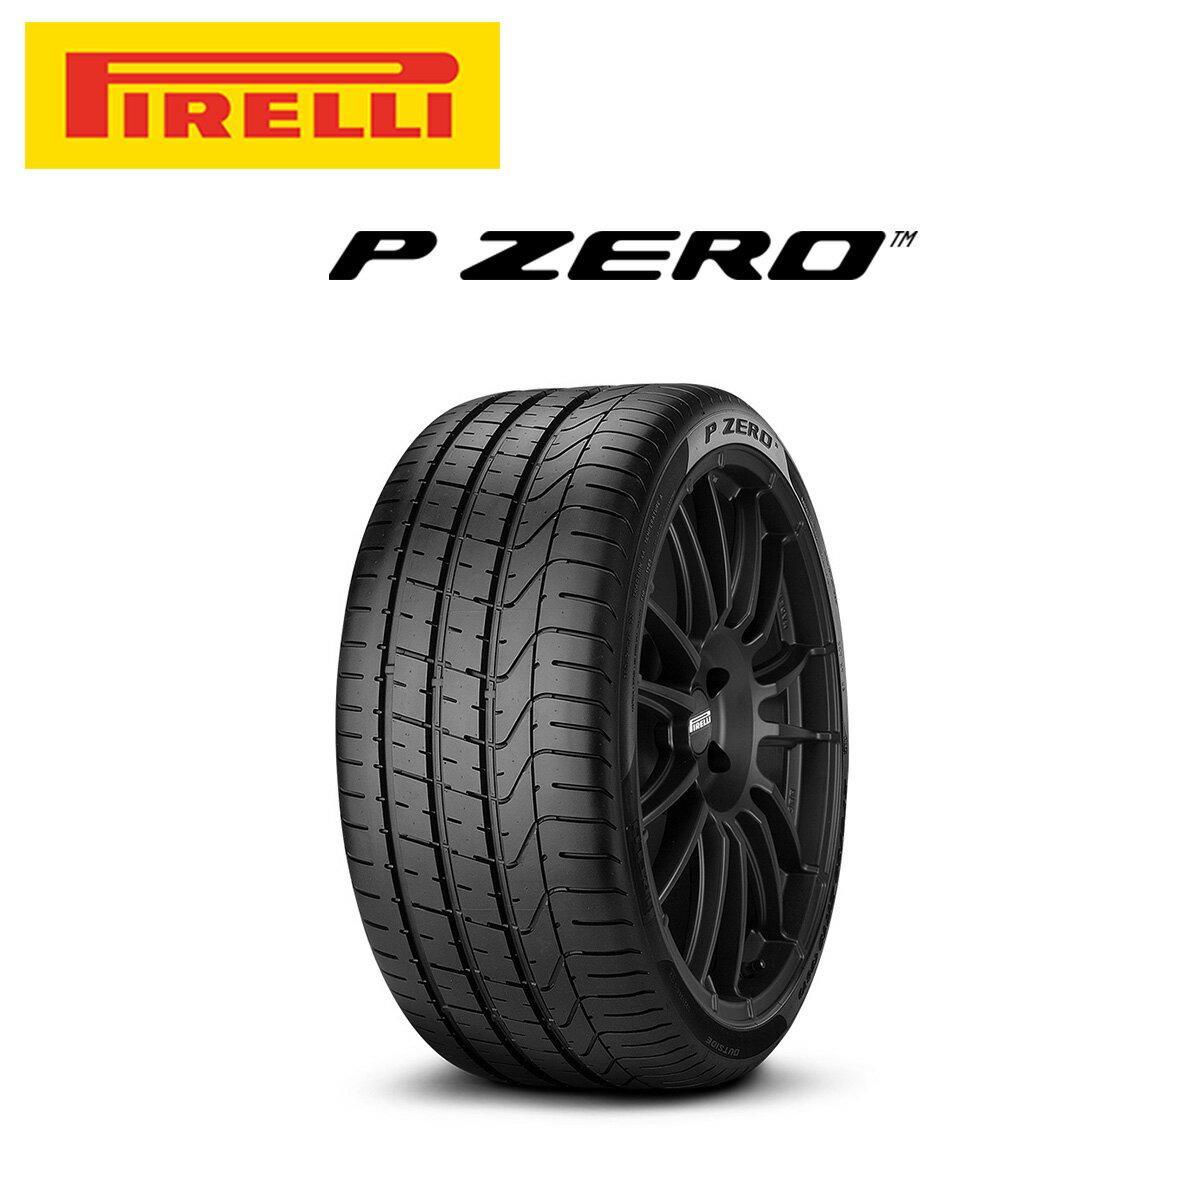 ピレリ PIRELLI P ZERO ピーゼロ 20インチ サマー タイヤ 4本 セット 255/35ZR20 97Y XL J:ジャガー承認タイヤ 1639000